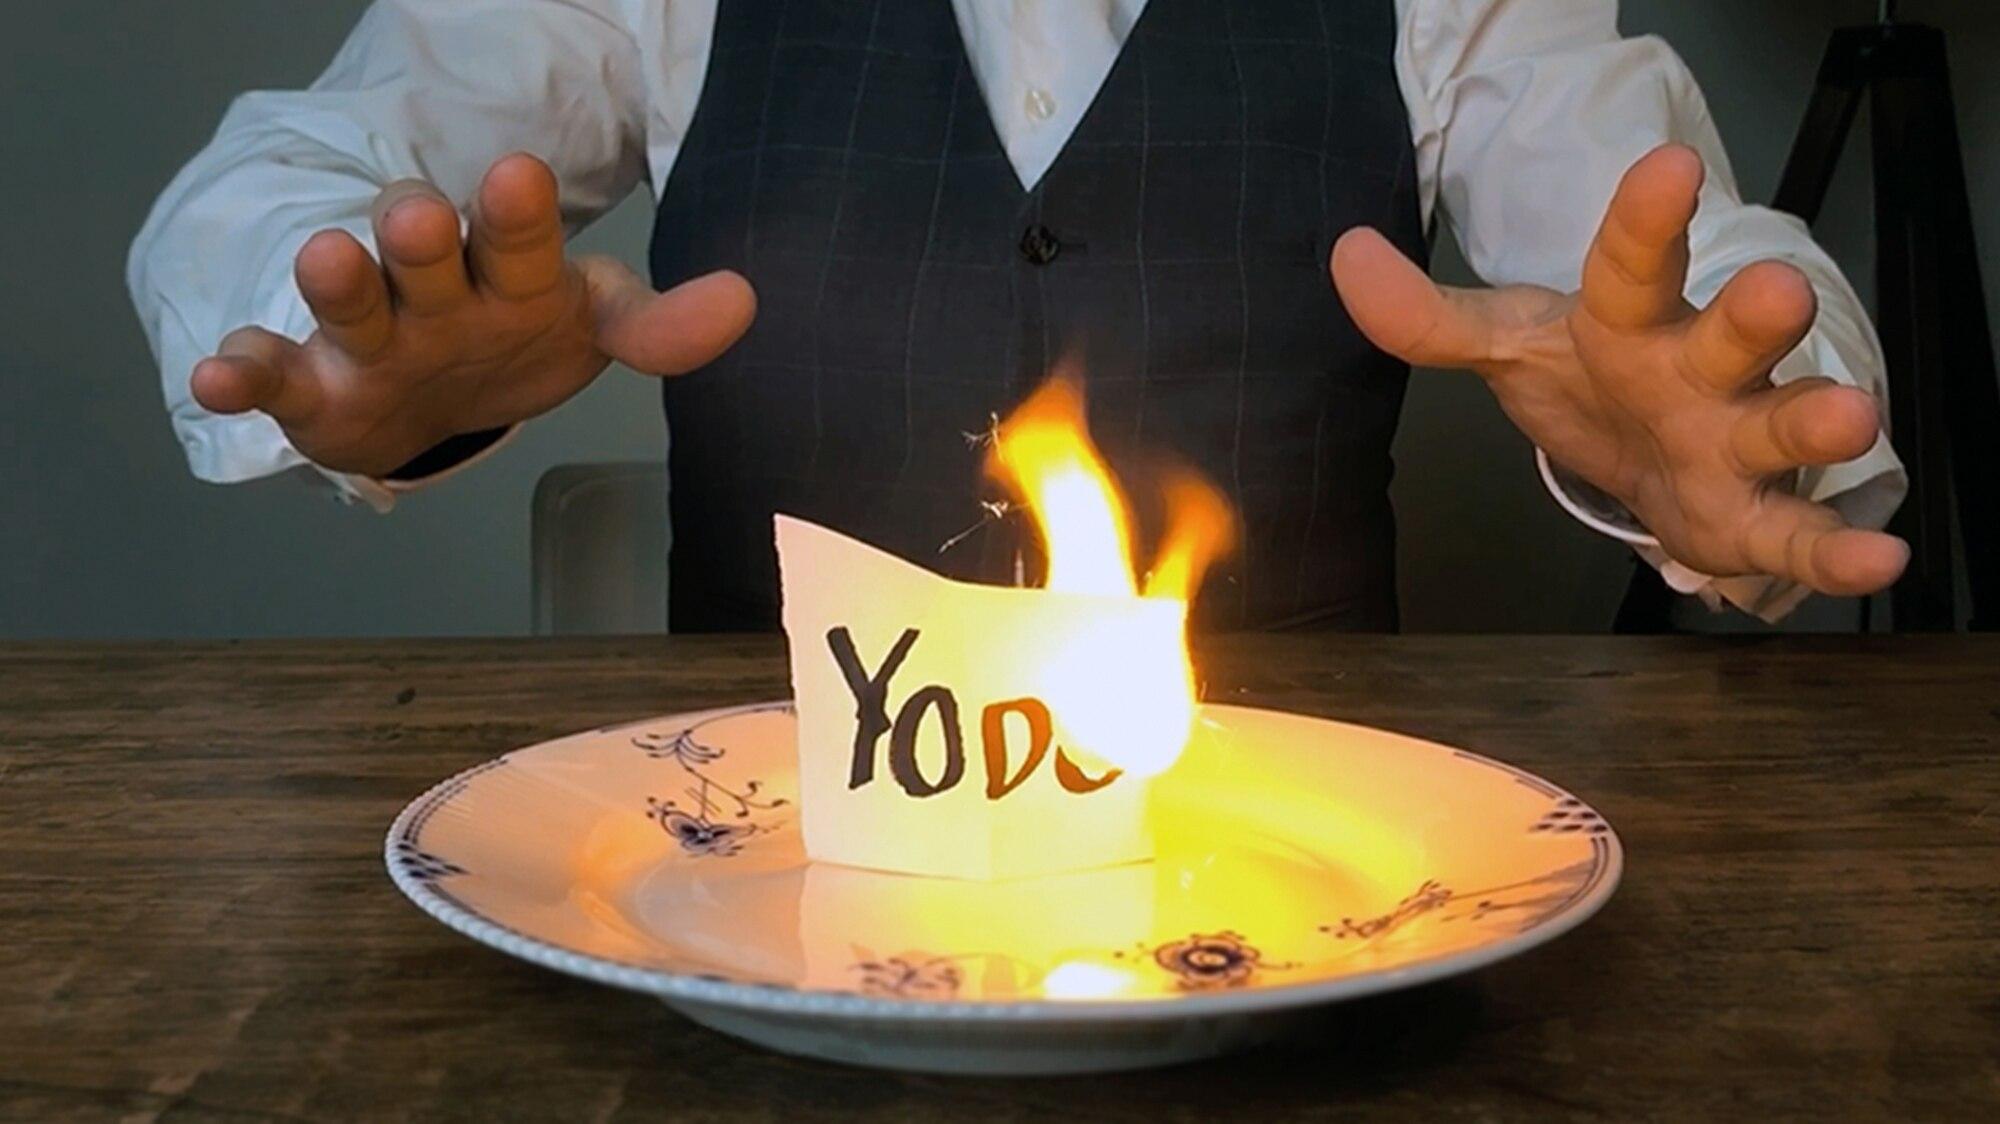 Yodo Laser dispositif à distance chargé tours de Magie scène Magia s'enflamme sans toucher Mental Gimmick accessoire feu apparaît/disparaître Magie